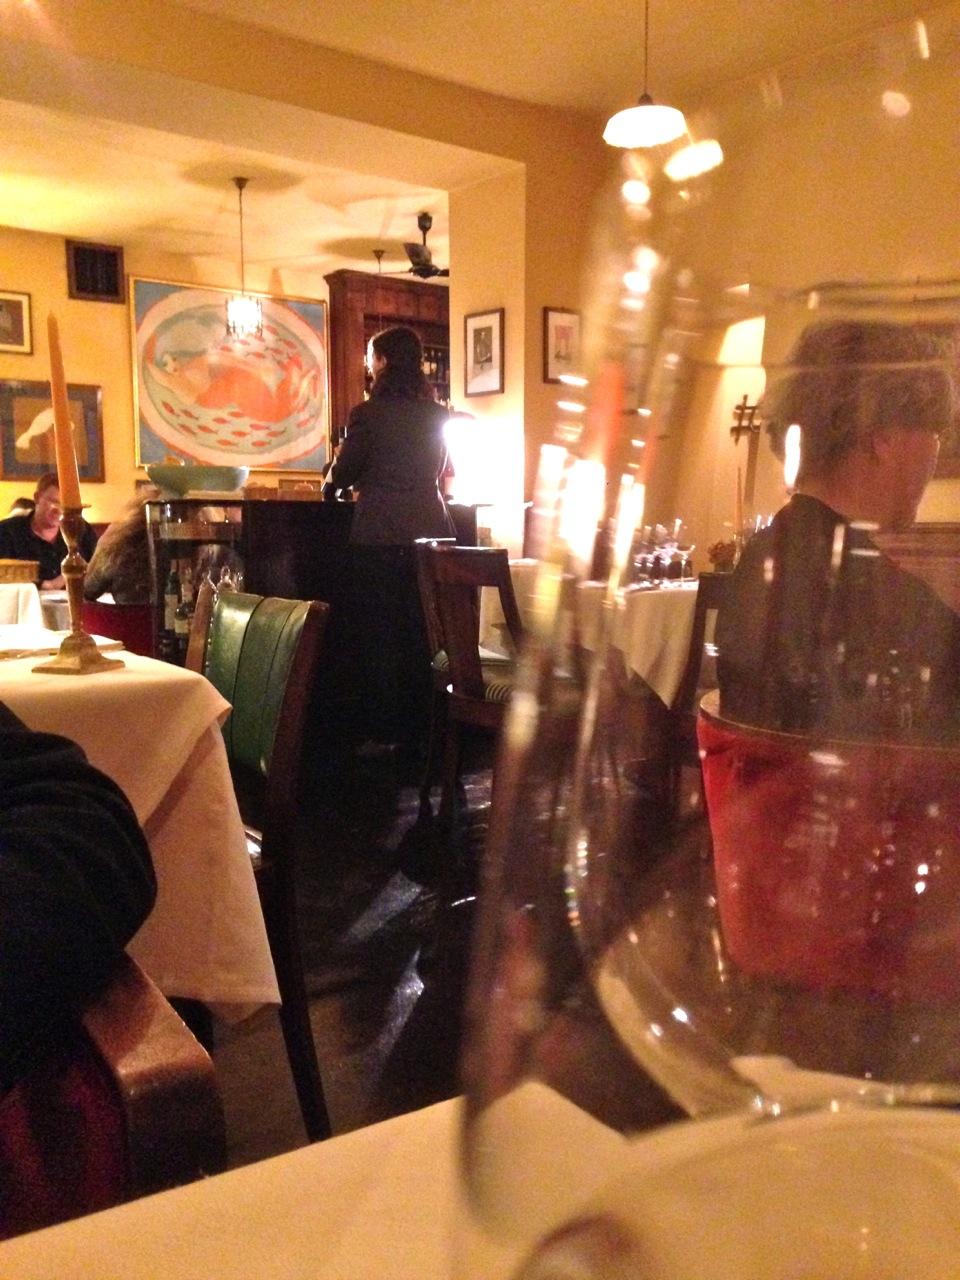 """O Cibreo é um dos únicos restaurantes mais elegantes de Florença.  Tem um ambiente íntimo.  A comida é deliciosa!!  Não tem menu.  A maitre senta ao teu lado e """"recita"""" o que tem de estação aquele dia.  Ganhei em um Bingo do Teatro de Sale este jantar para dois.  Tinham vários prêmios, mas eu queria ESTE!  E pulei da cadeira e BERREI quando venci!! Hhahahahha!!!  Eles ofereceram até o vinho!!"""